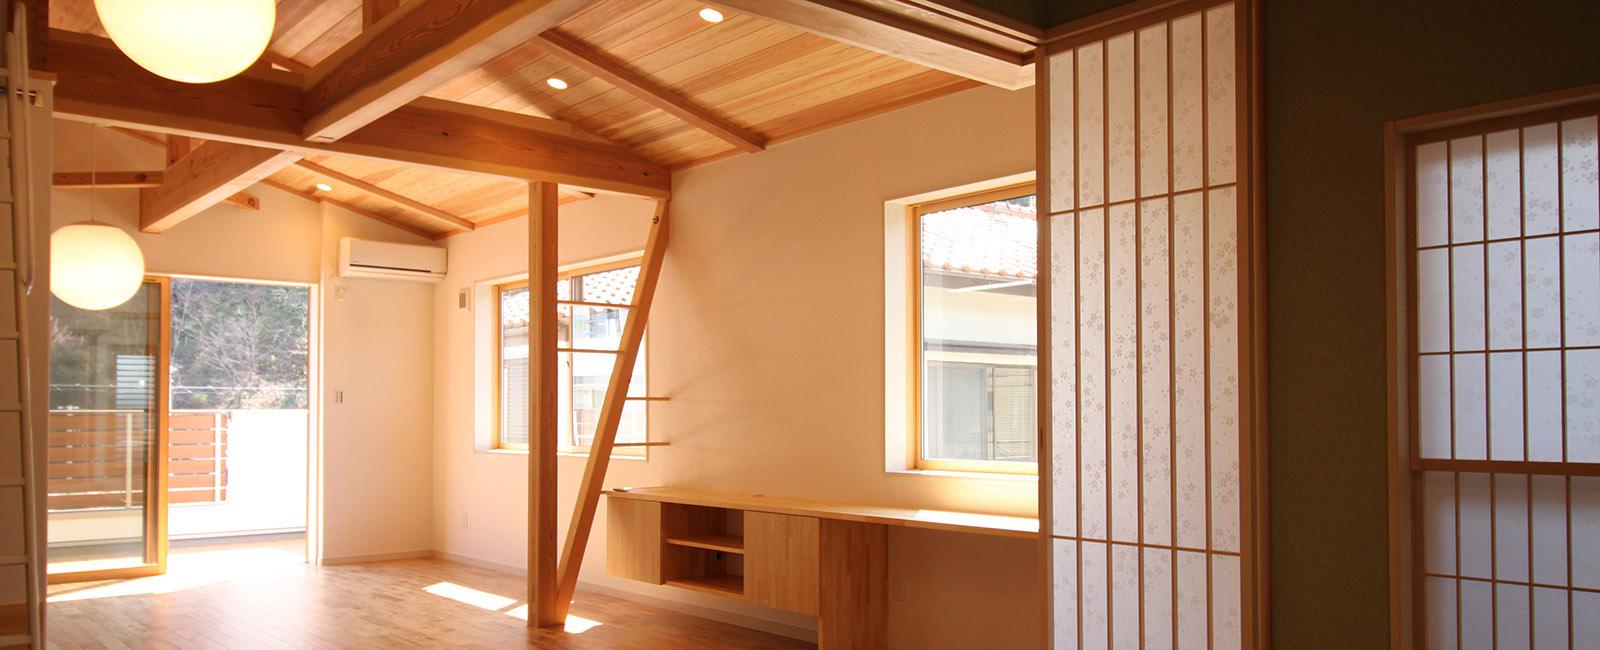 島田市の注文住宅のインテリア